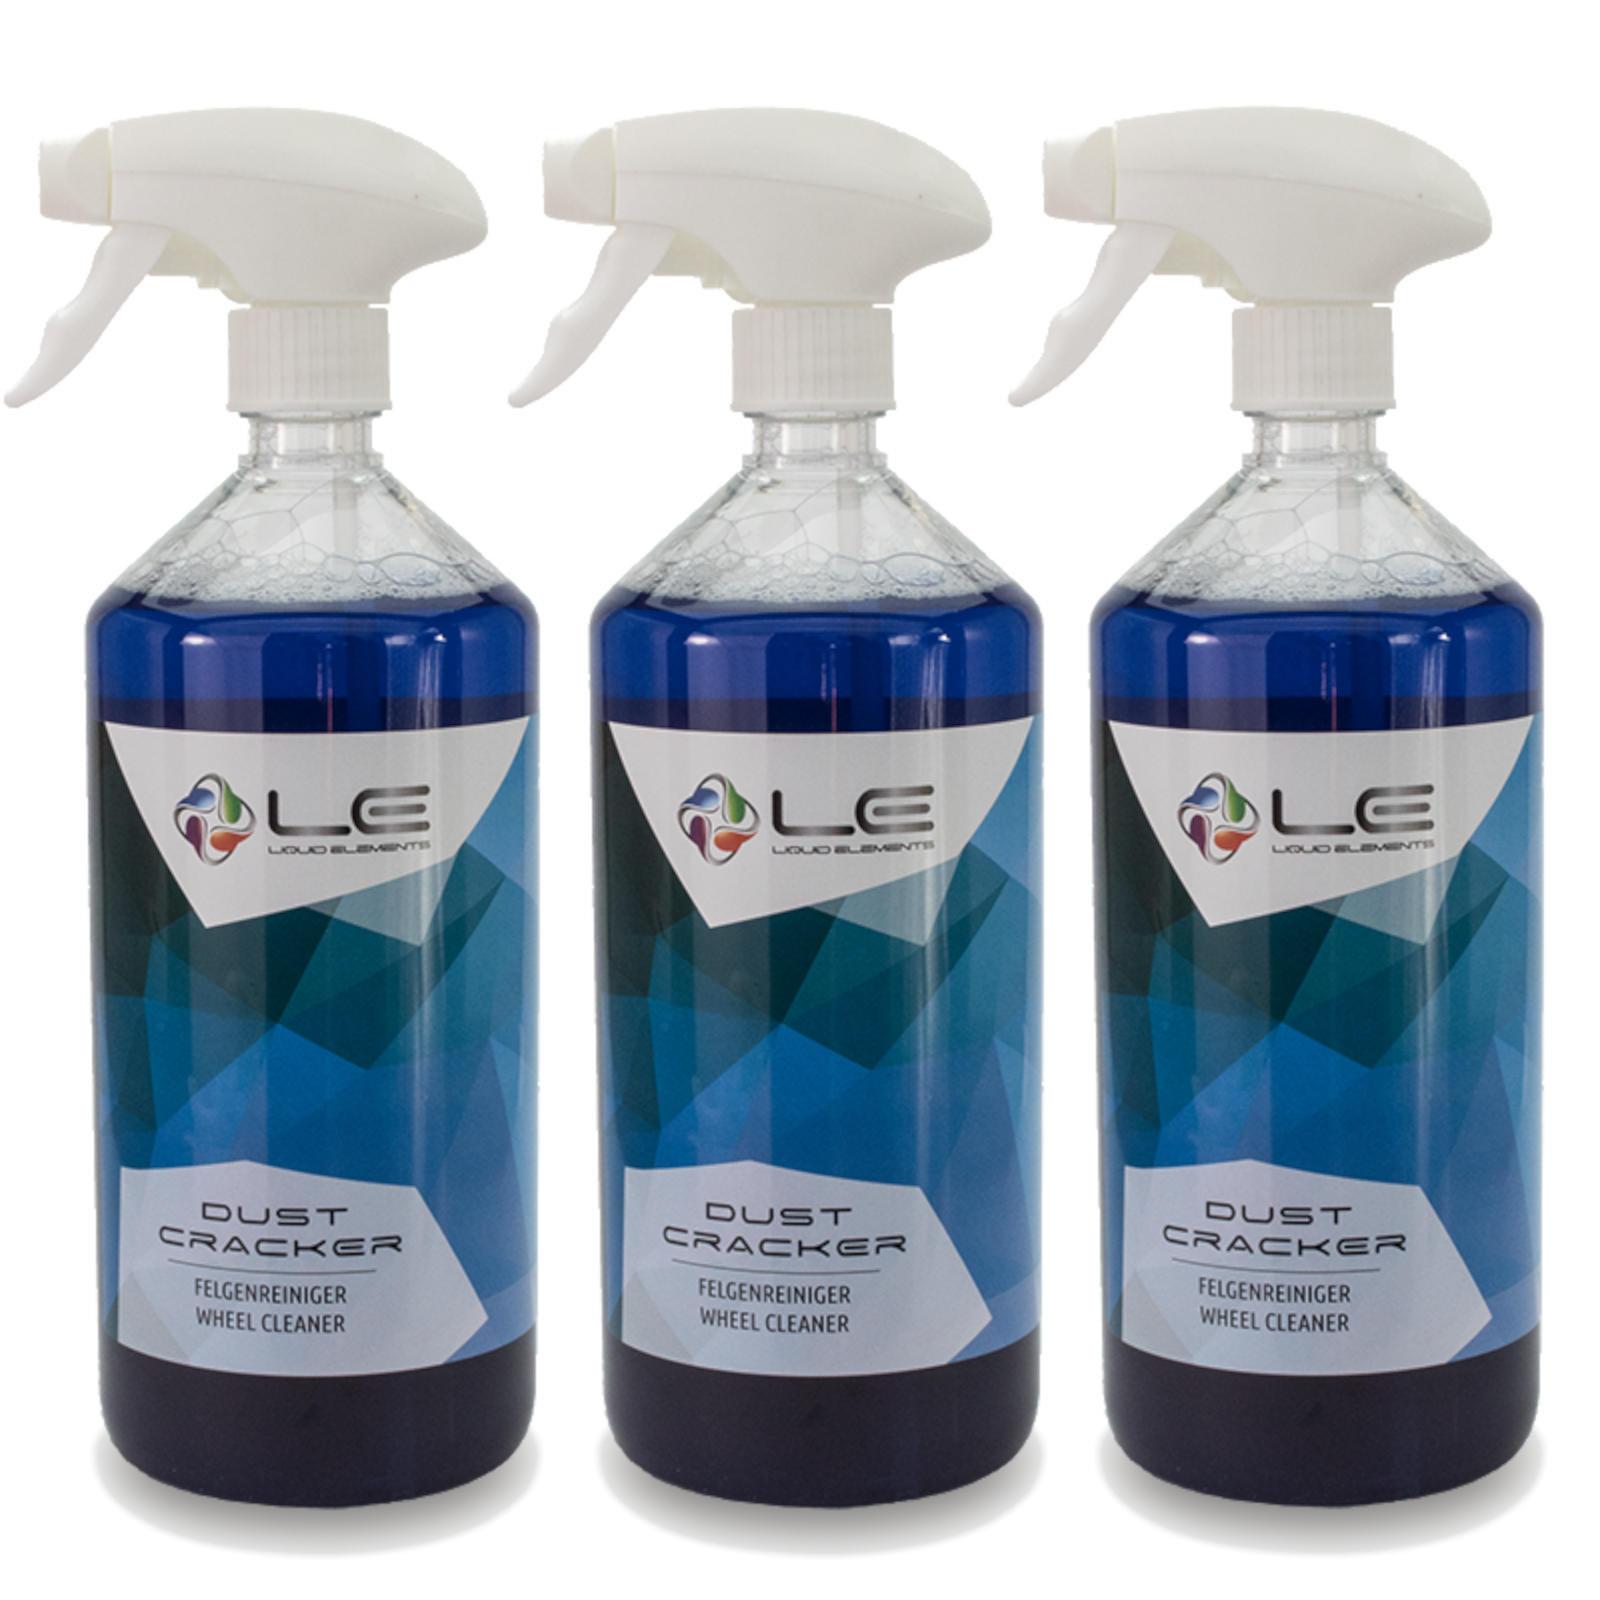 [Cleandot] Liquid Elements Dust Cracker Felgenreiniger 3 für 2